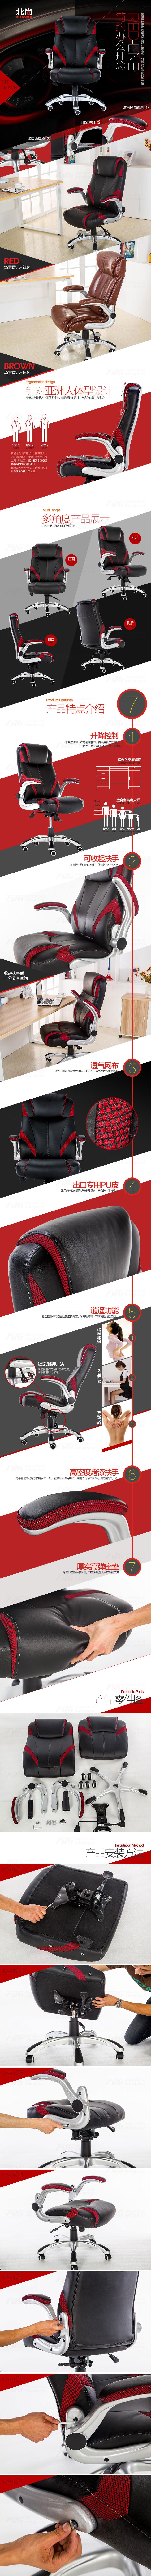 北尚網布椅